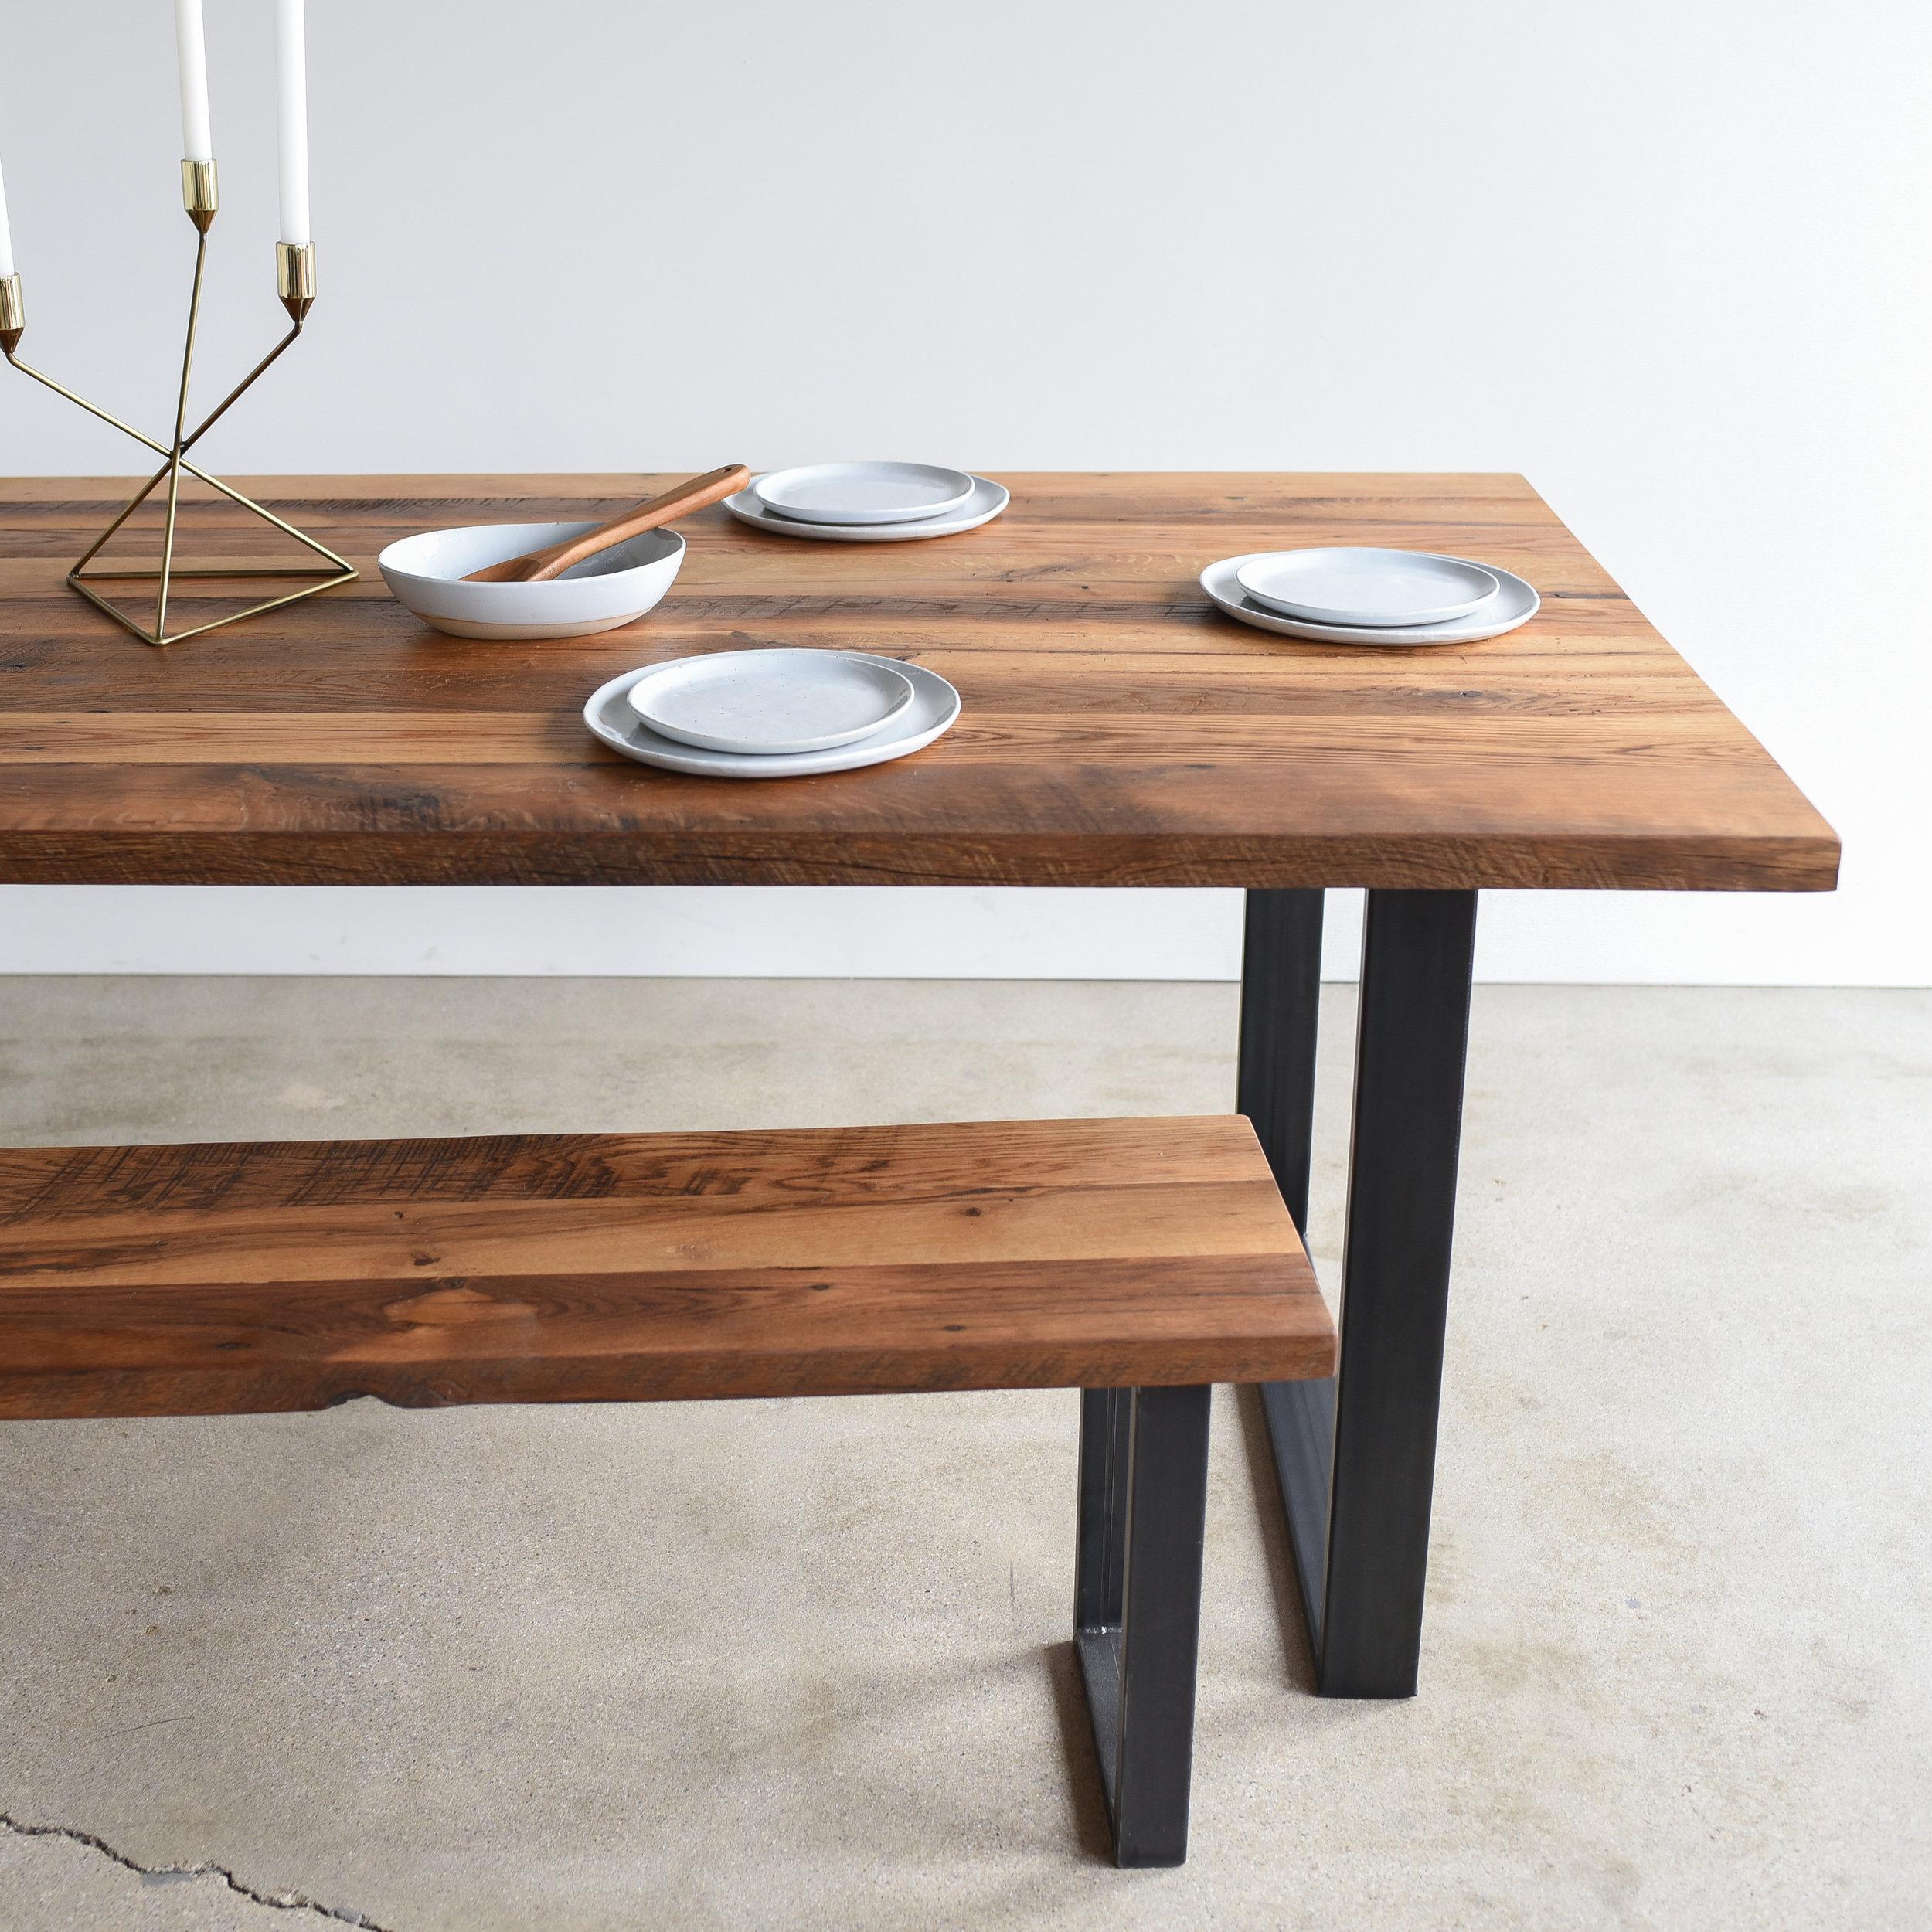 industrial modern dining table u shaped metal legs what we make